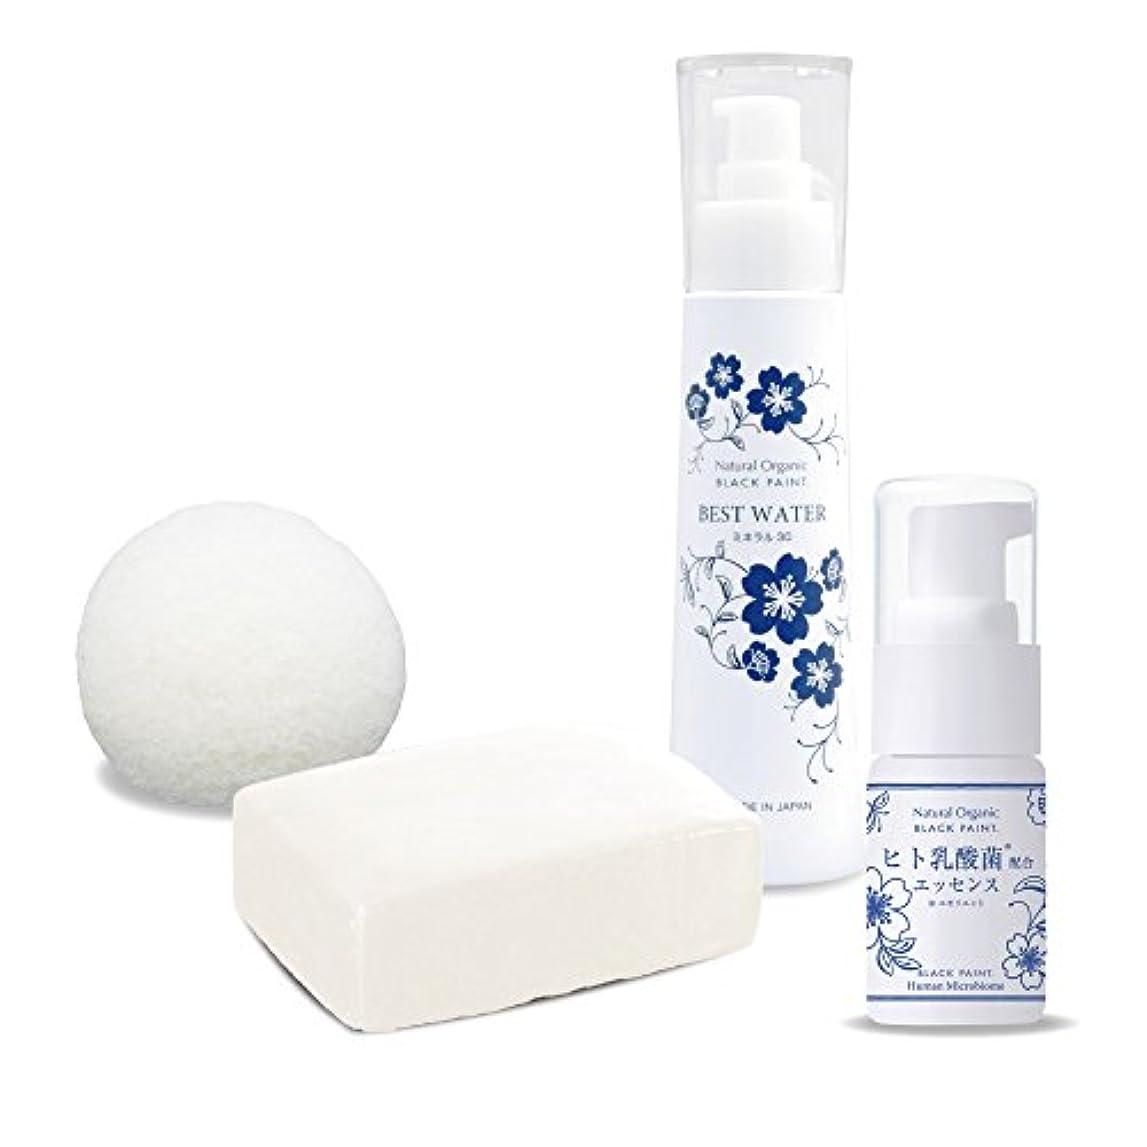 タワー頭モディッシュヒト乳酸菌エッセンス10ml&ホワイトペイント60g&ホワイトスポンジミニ&ベストウォーター100ml 洗顔セット